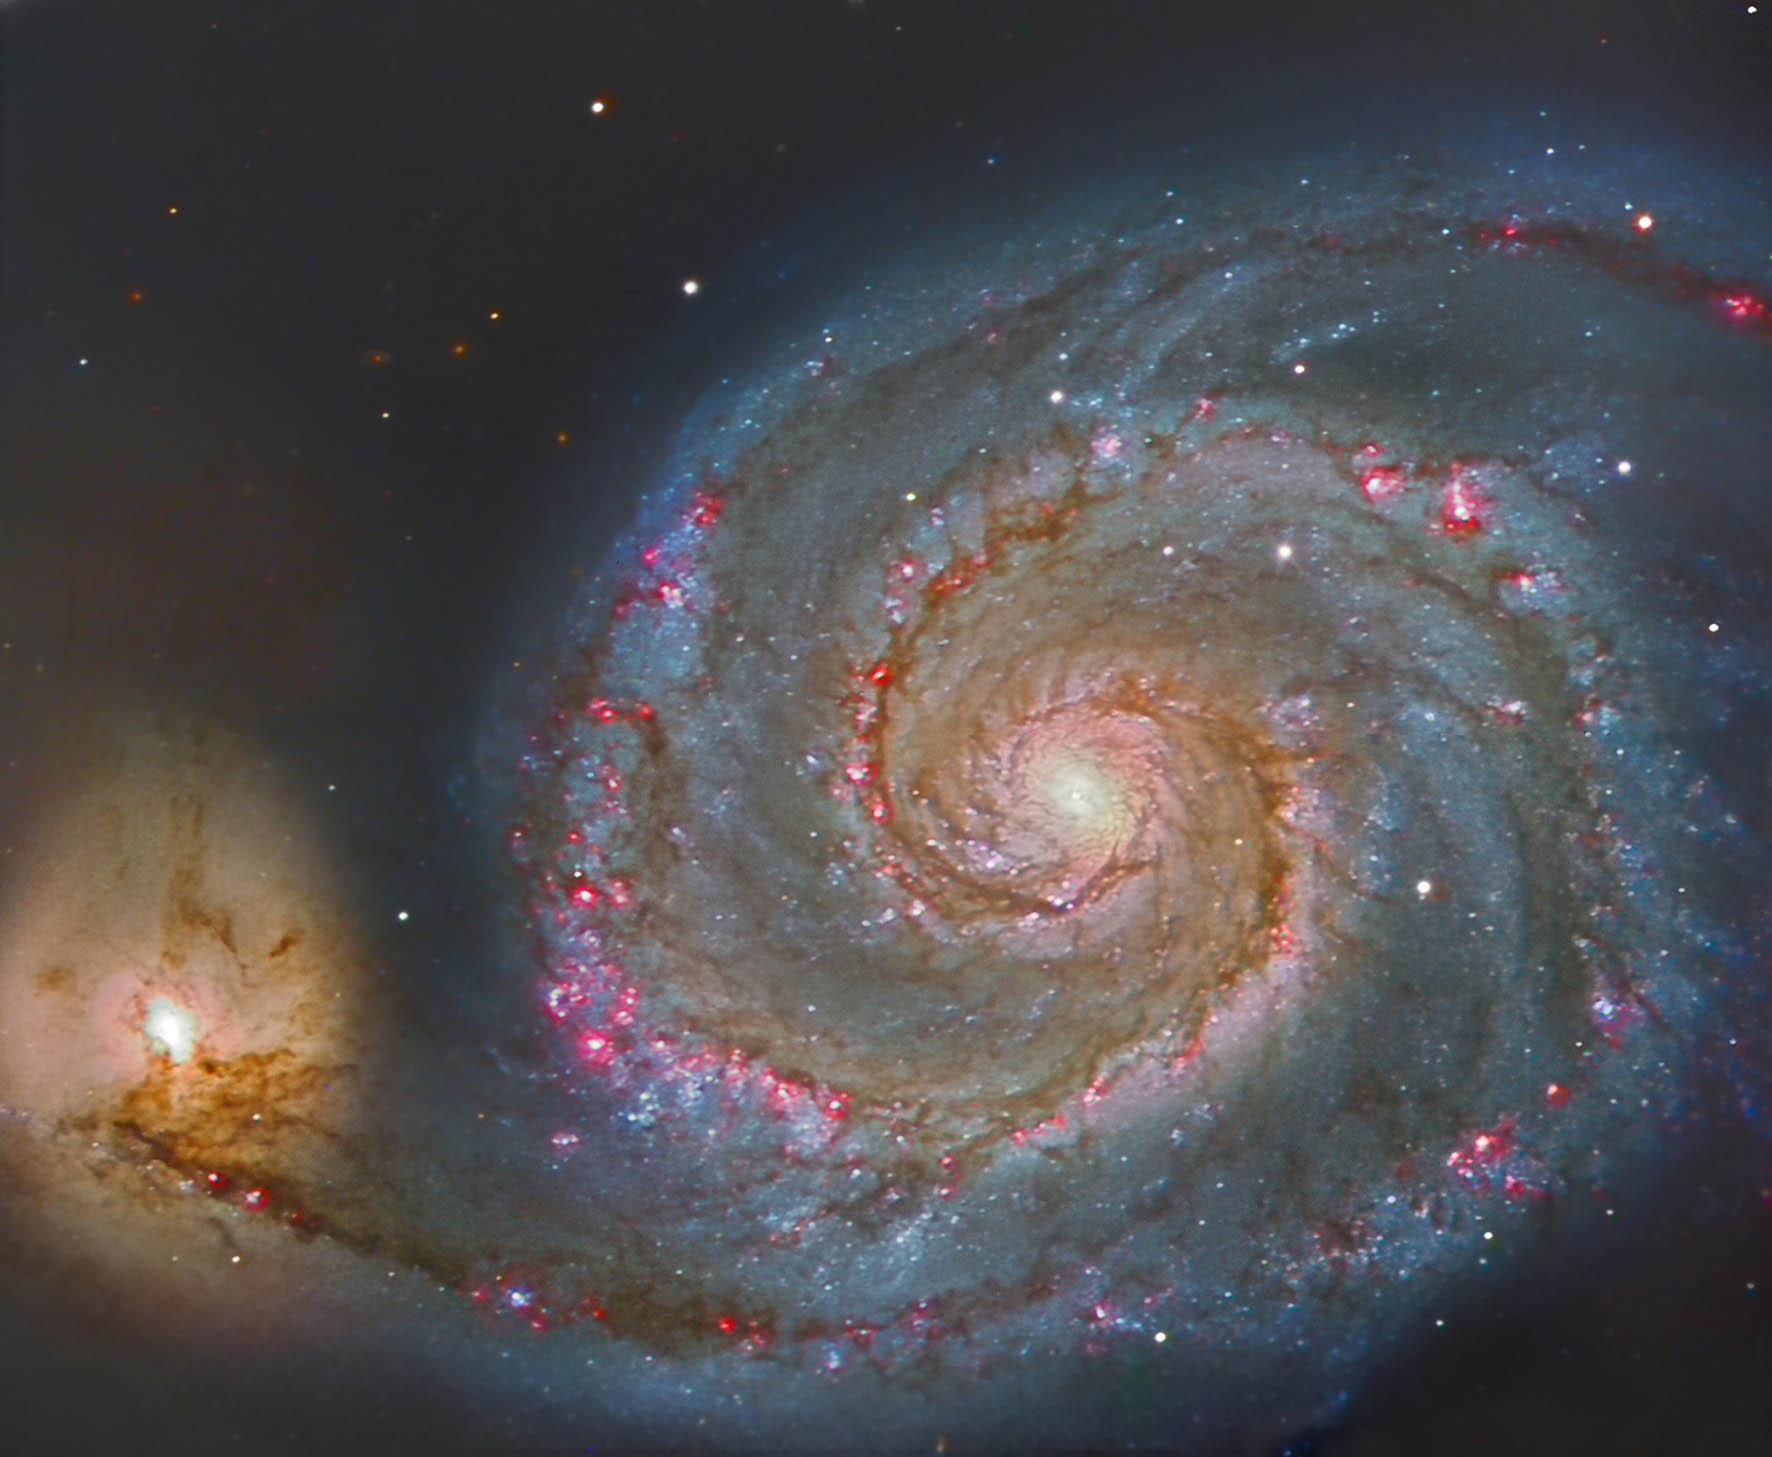 nebulosas planetarias (imágenes + info)